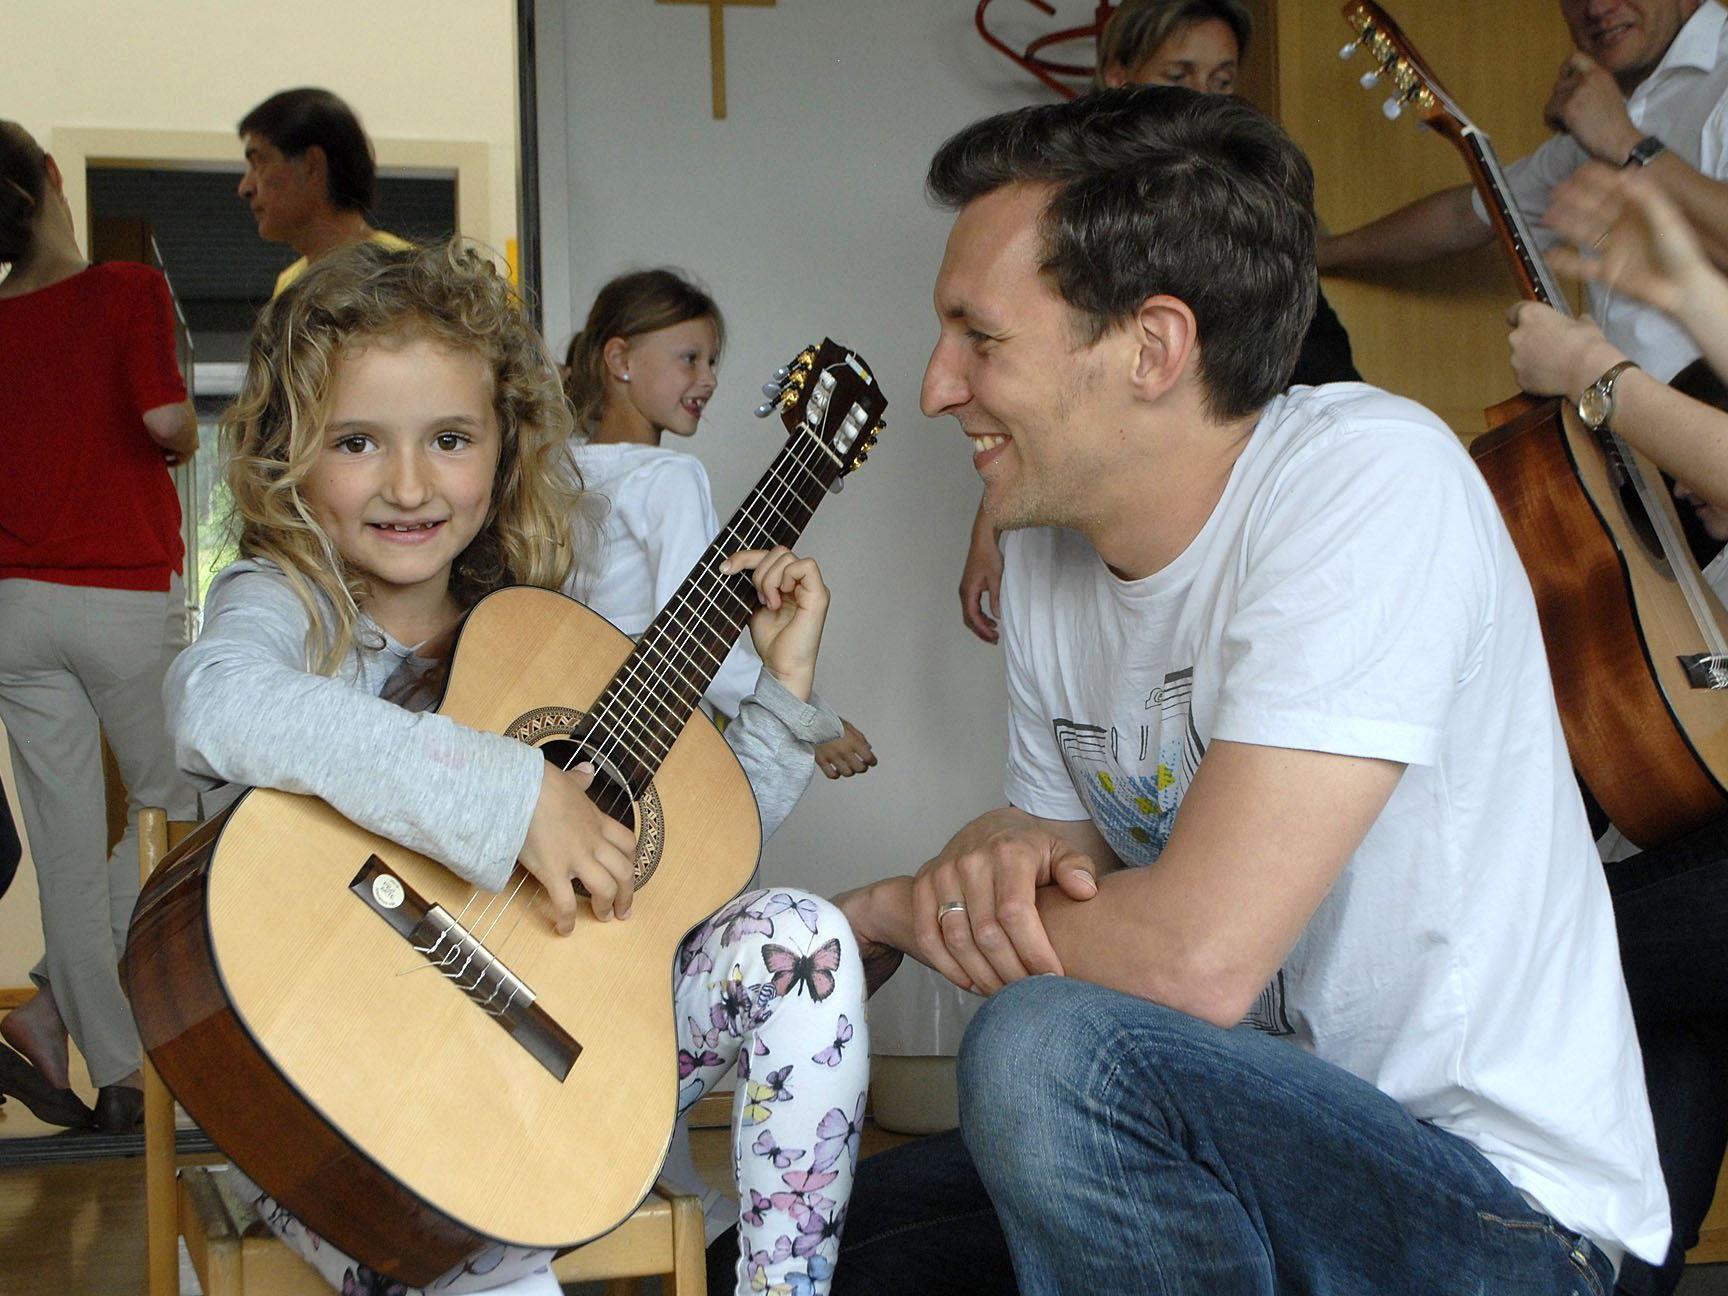 Die vielen verschiedenen Musikinstrumente konnten unter Anleitung eines Musikpädagogen nach Herzenslust ausprobiert werden.